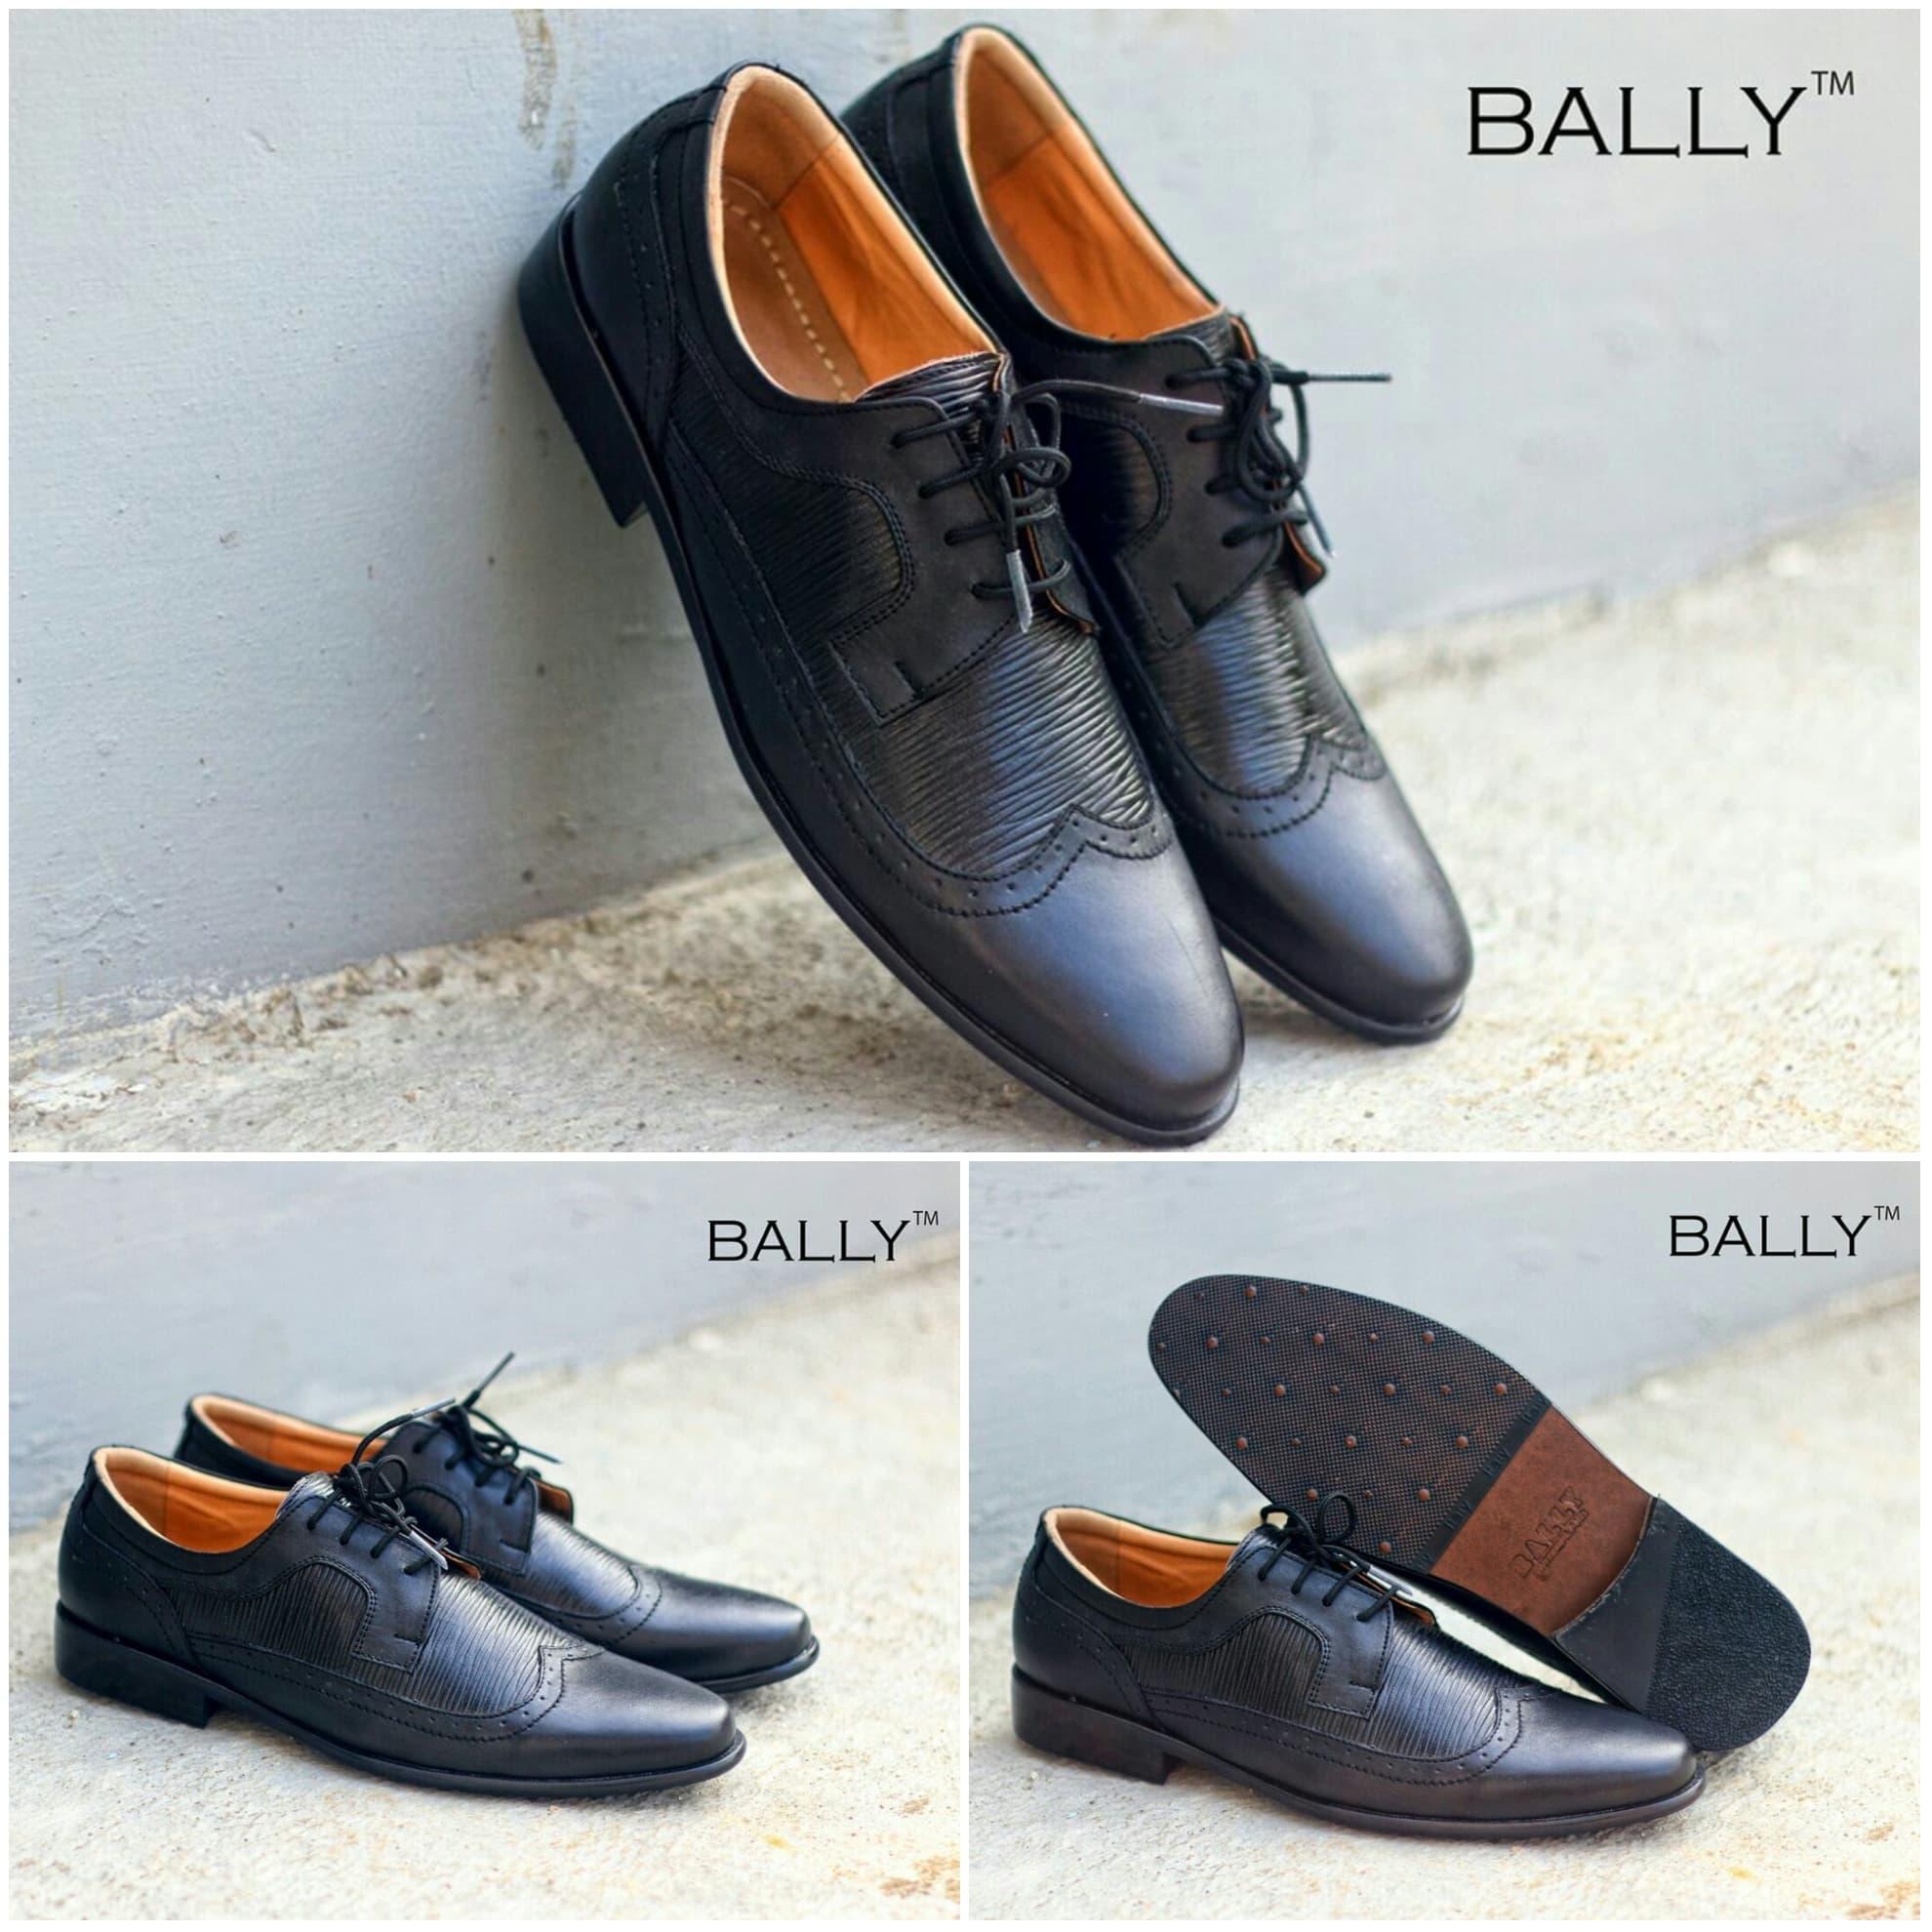 PENAWARAN Sepatu Pantofel Pria Bally Wingtip Hitam Premium Kulit Asli Murah 6d5fa5393e